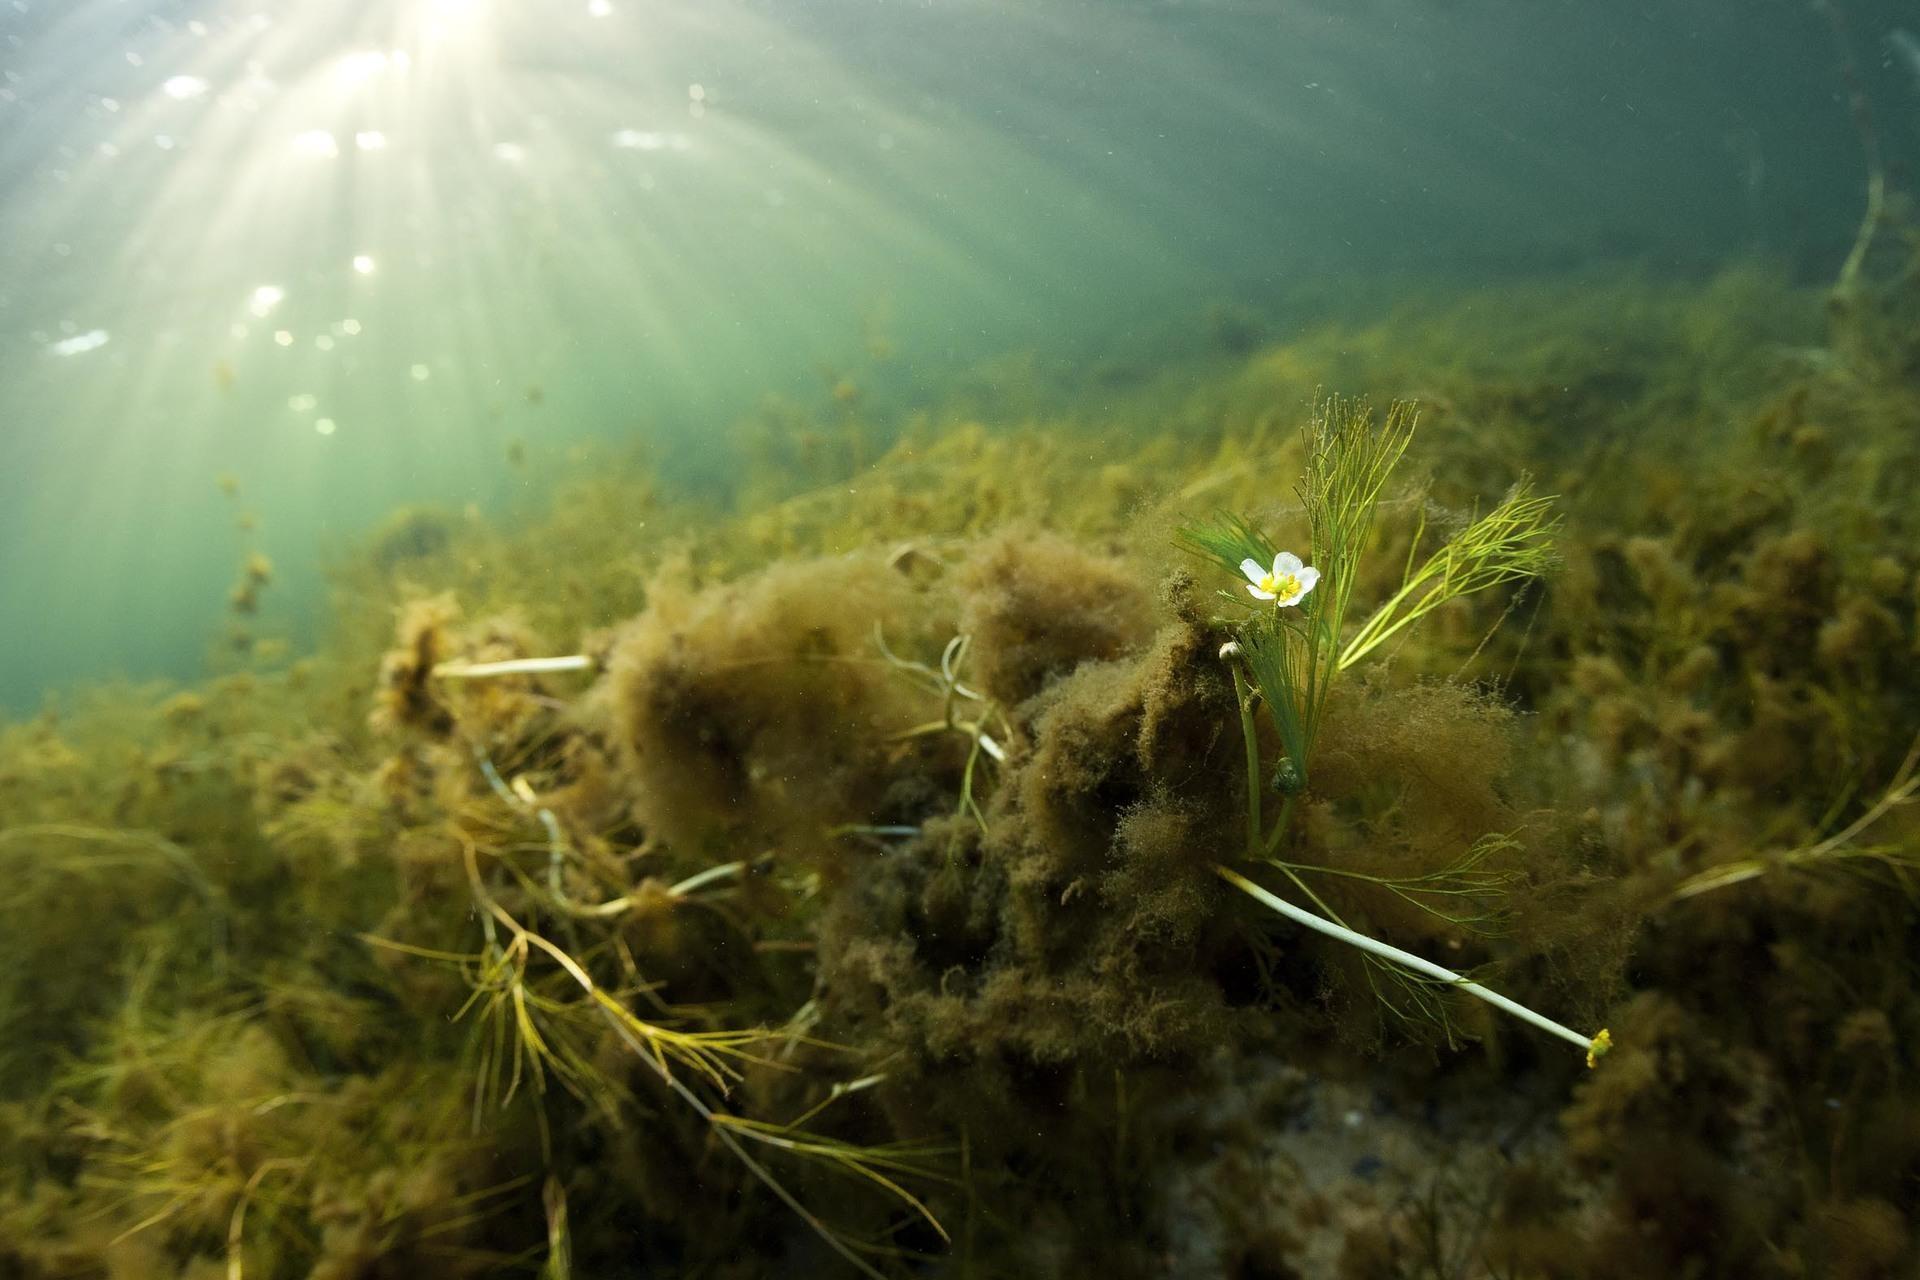 Puhdas Itämeri -hankkeet toimivat määrätietoisesti, lopullisena tavoitteenaan tehdä oma työmme tarpeettomaksi Itämeren suojelussa.